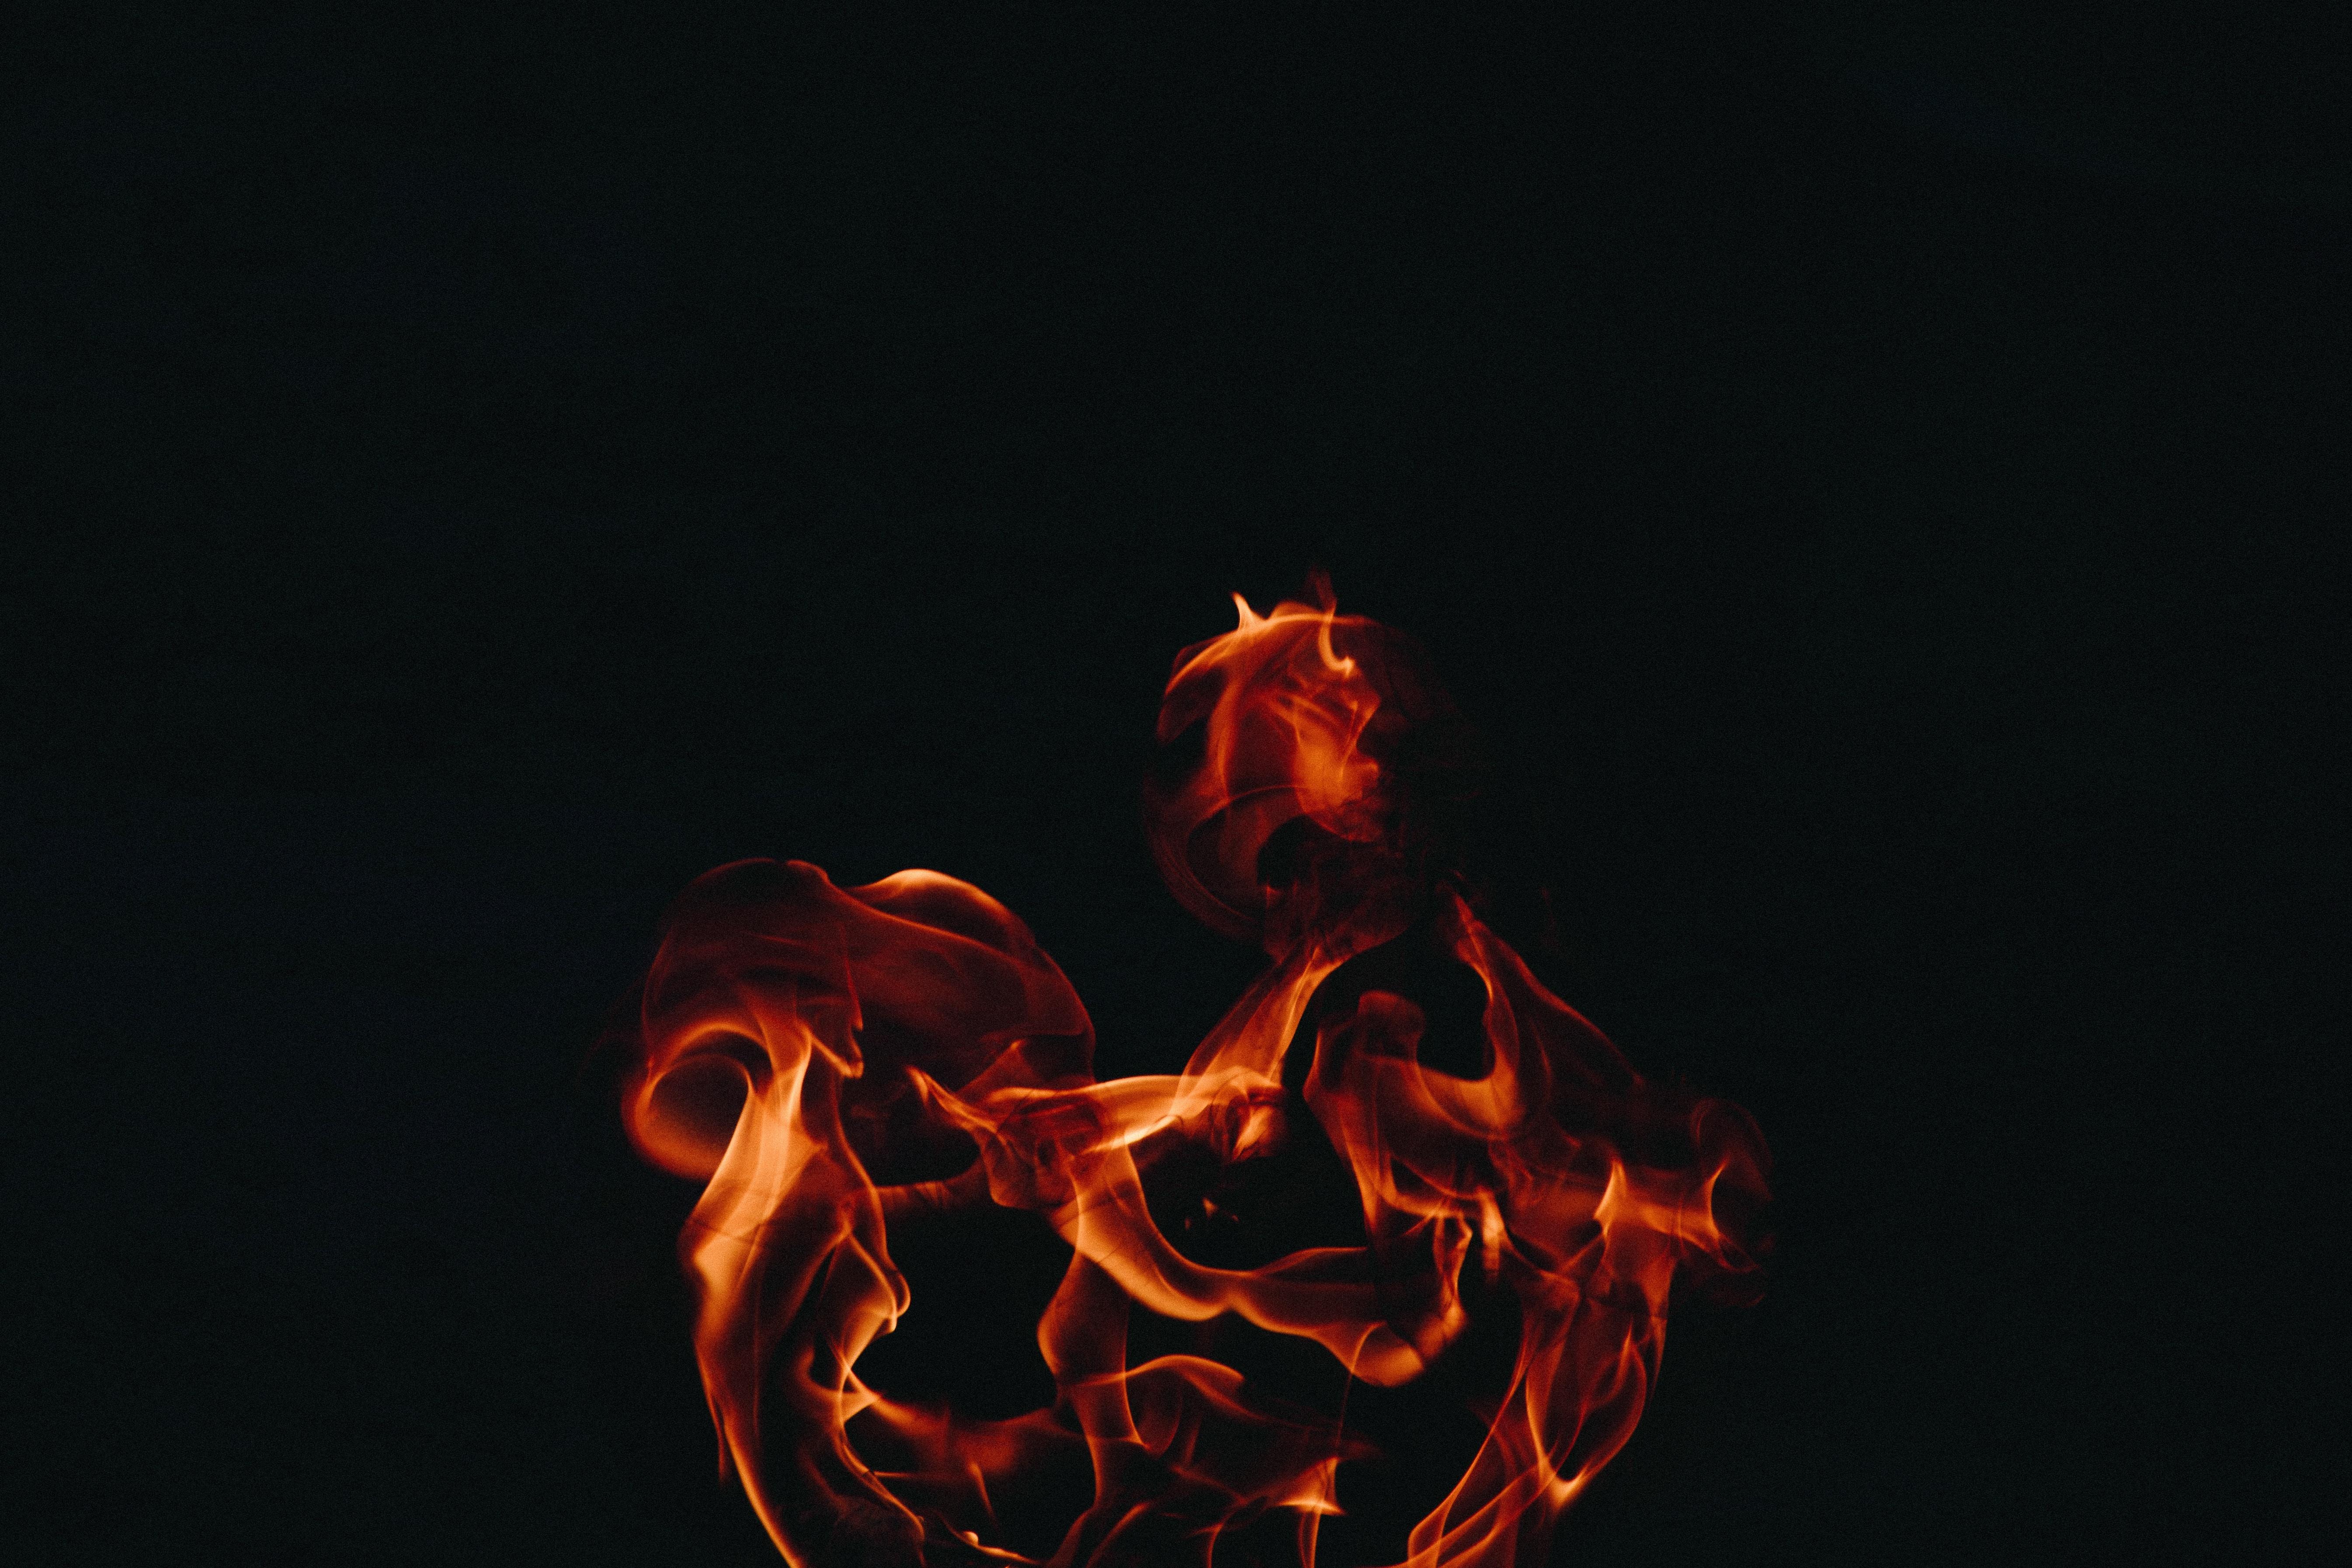 Fire Flame Dark Background